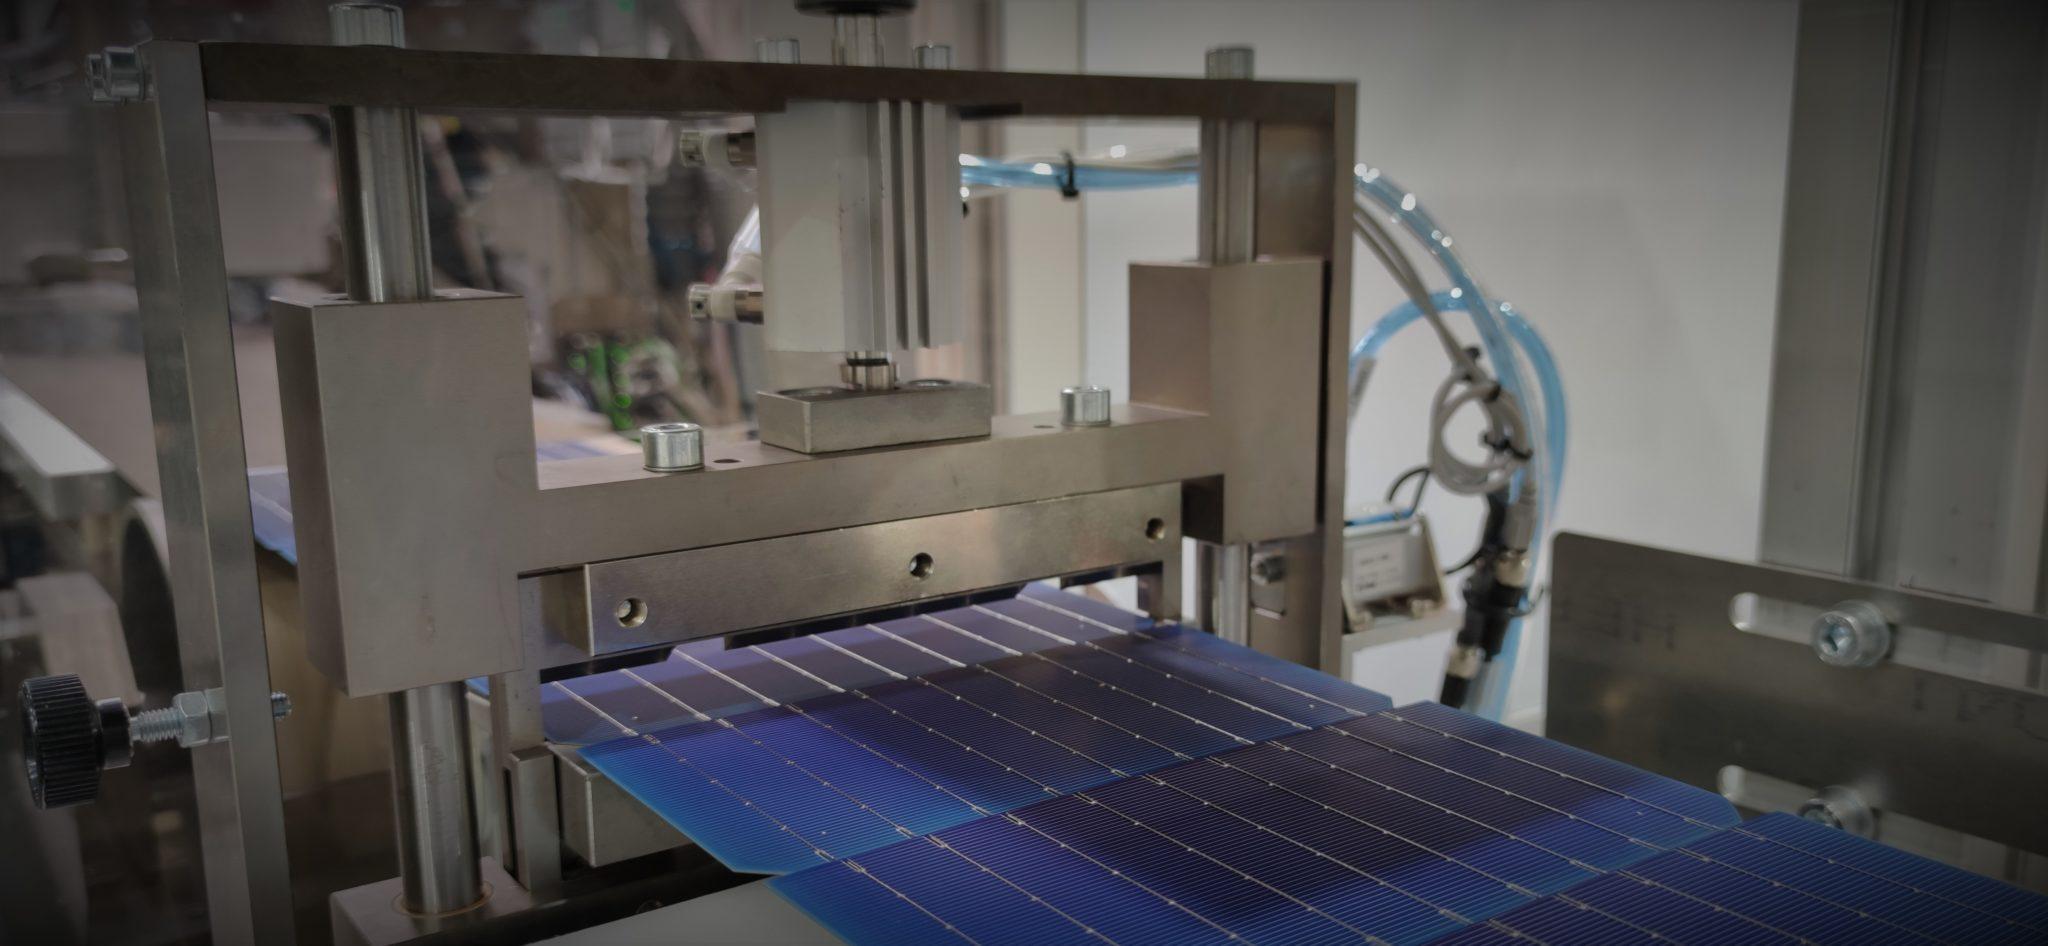 Zelula fotovoltaikoen produktibitatea hobetzeko urrats berria egin du Mondragon Assemblyk